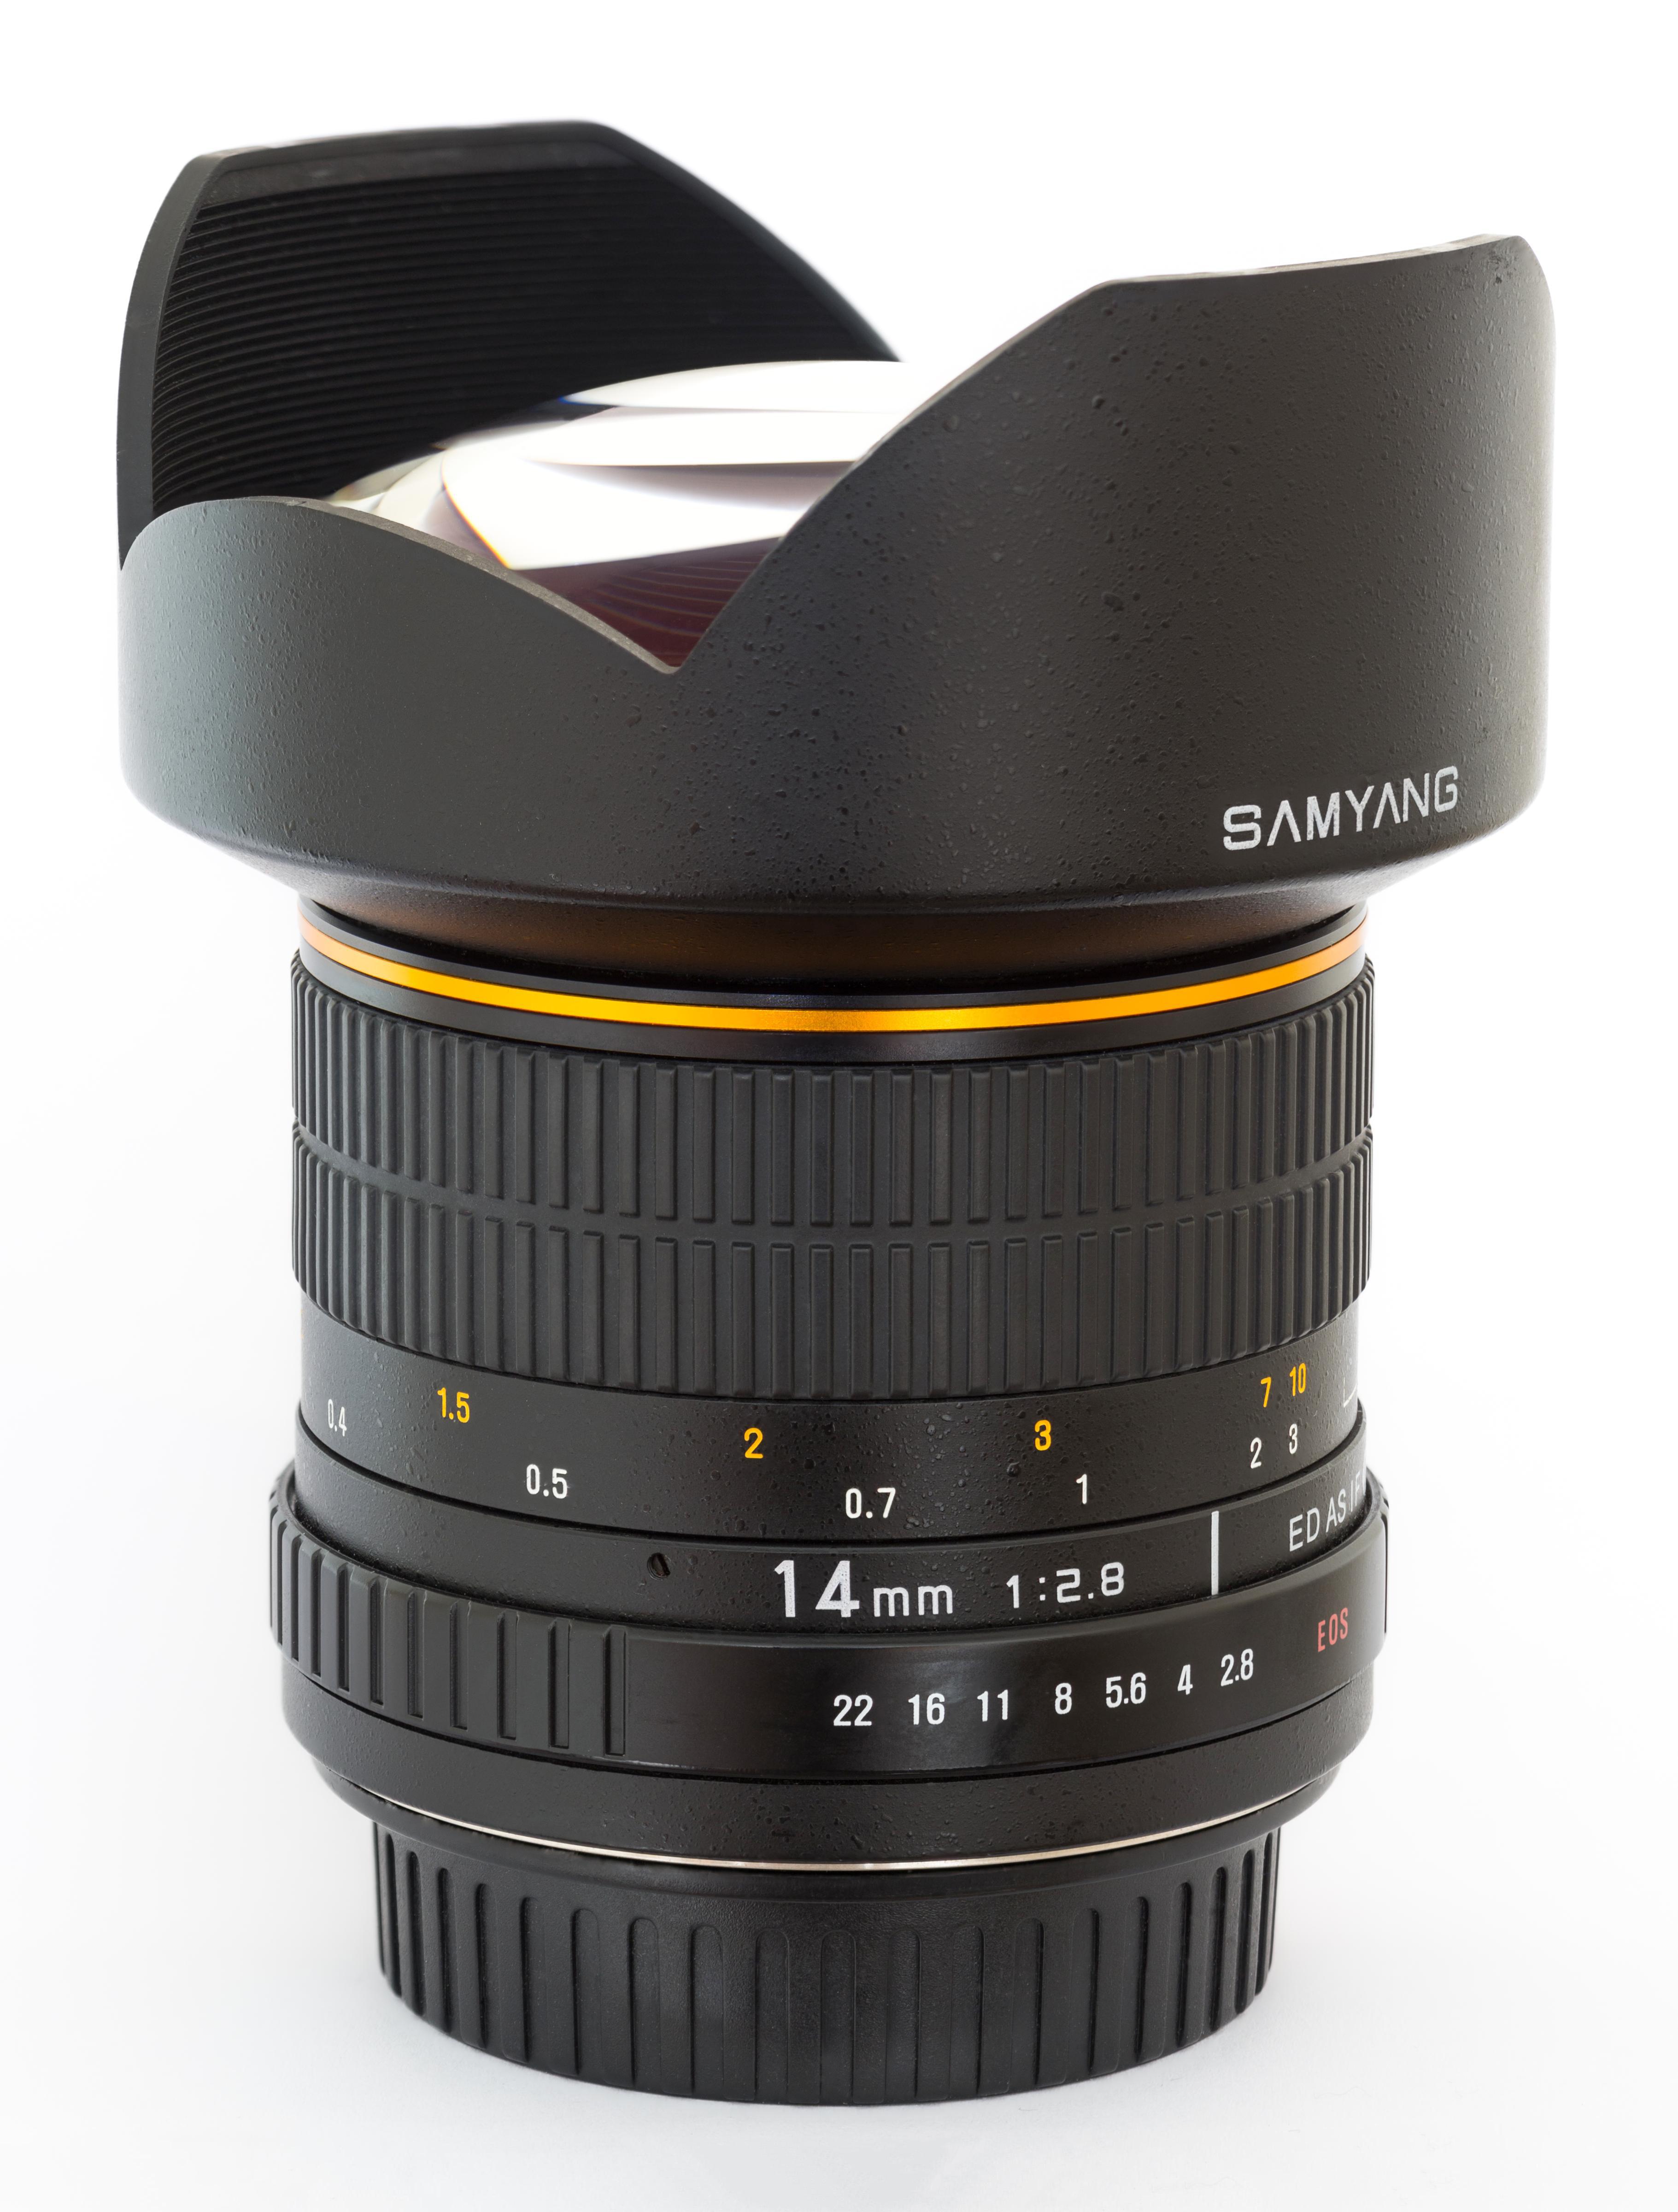 https://upload.wikimedia.org/wikipedia/commons/9/9f/Samyang_14mm_f2.8_lens_-_Diliff.jpg